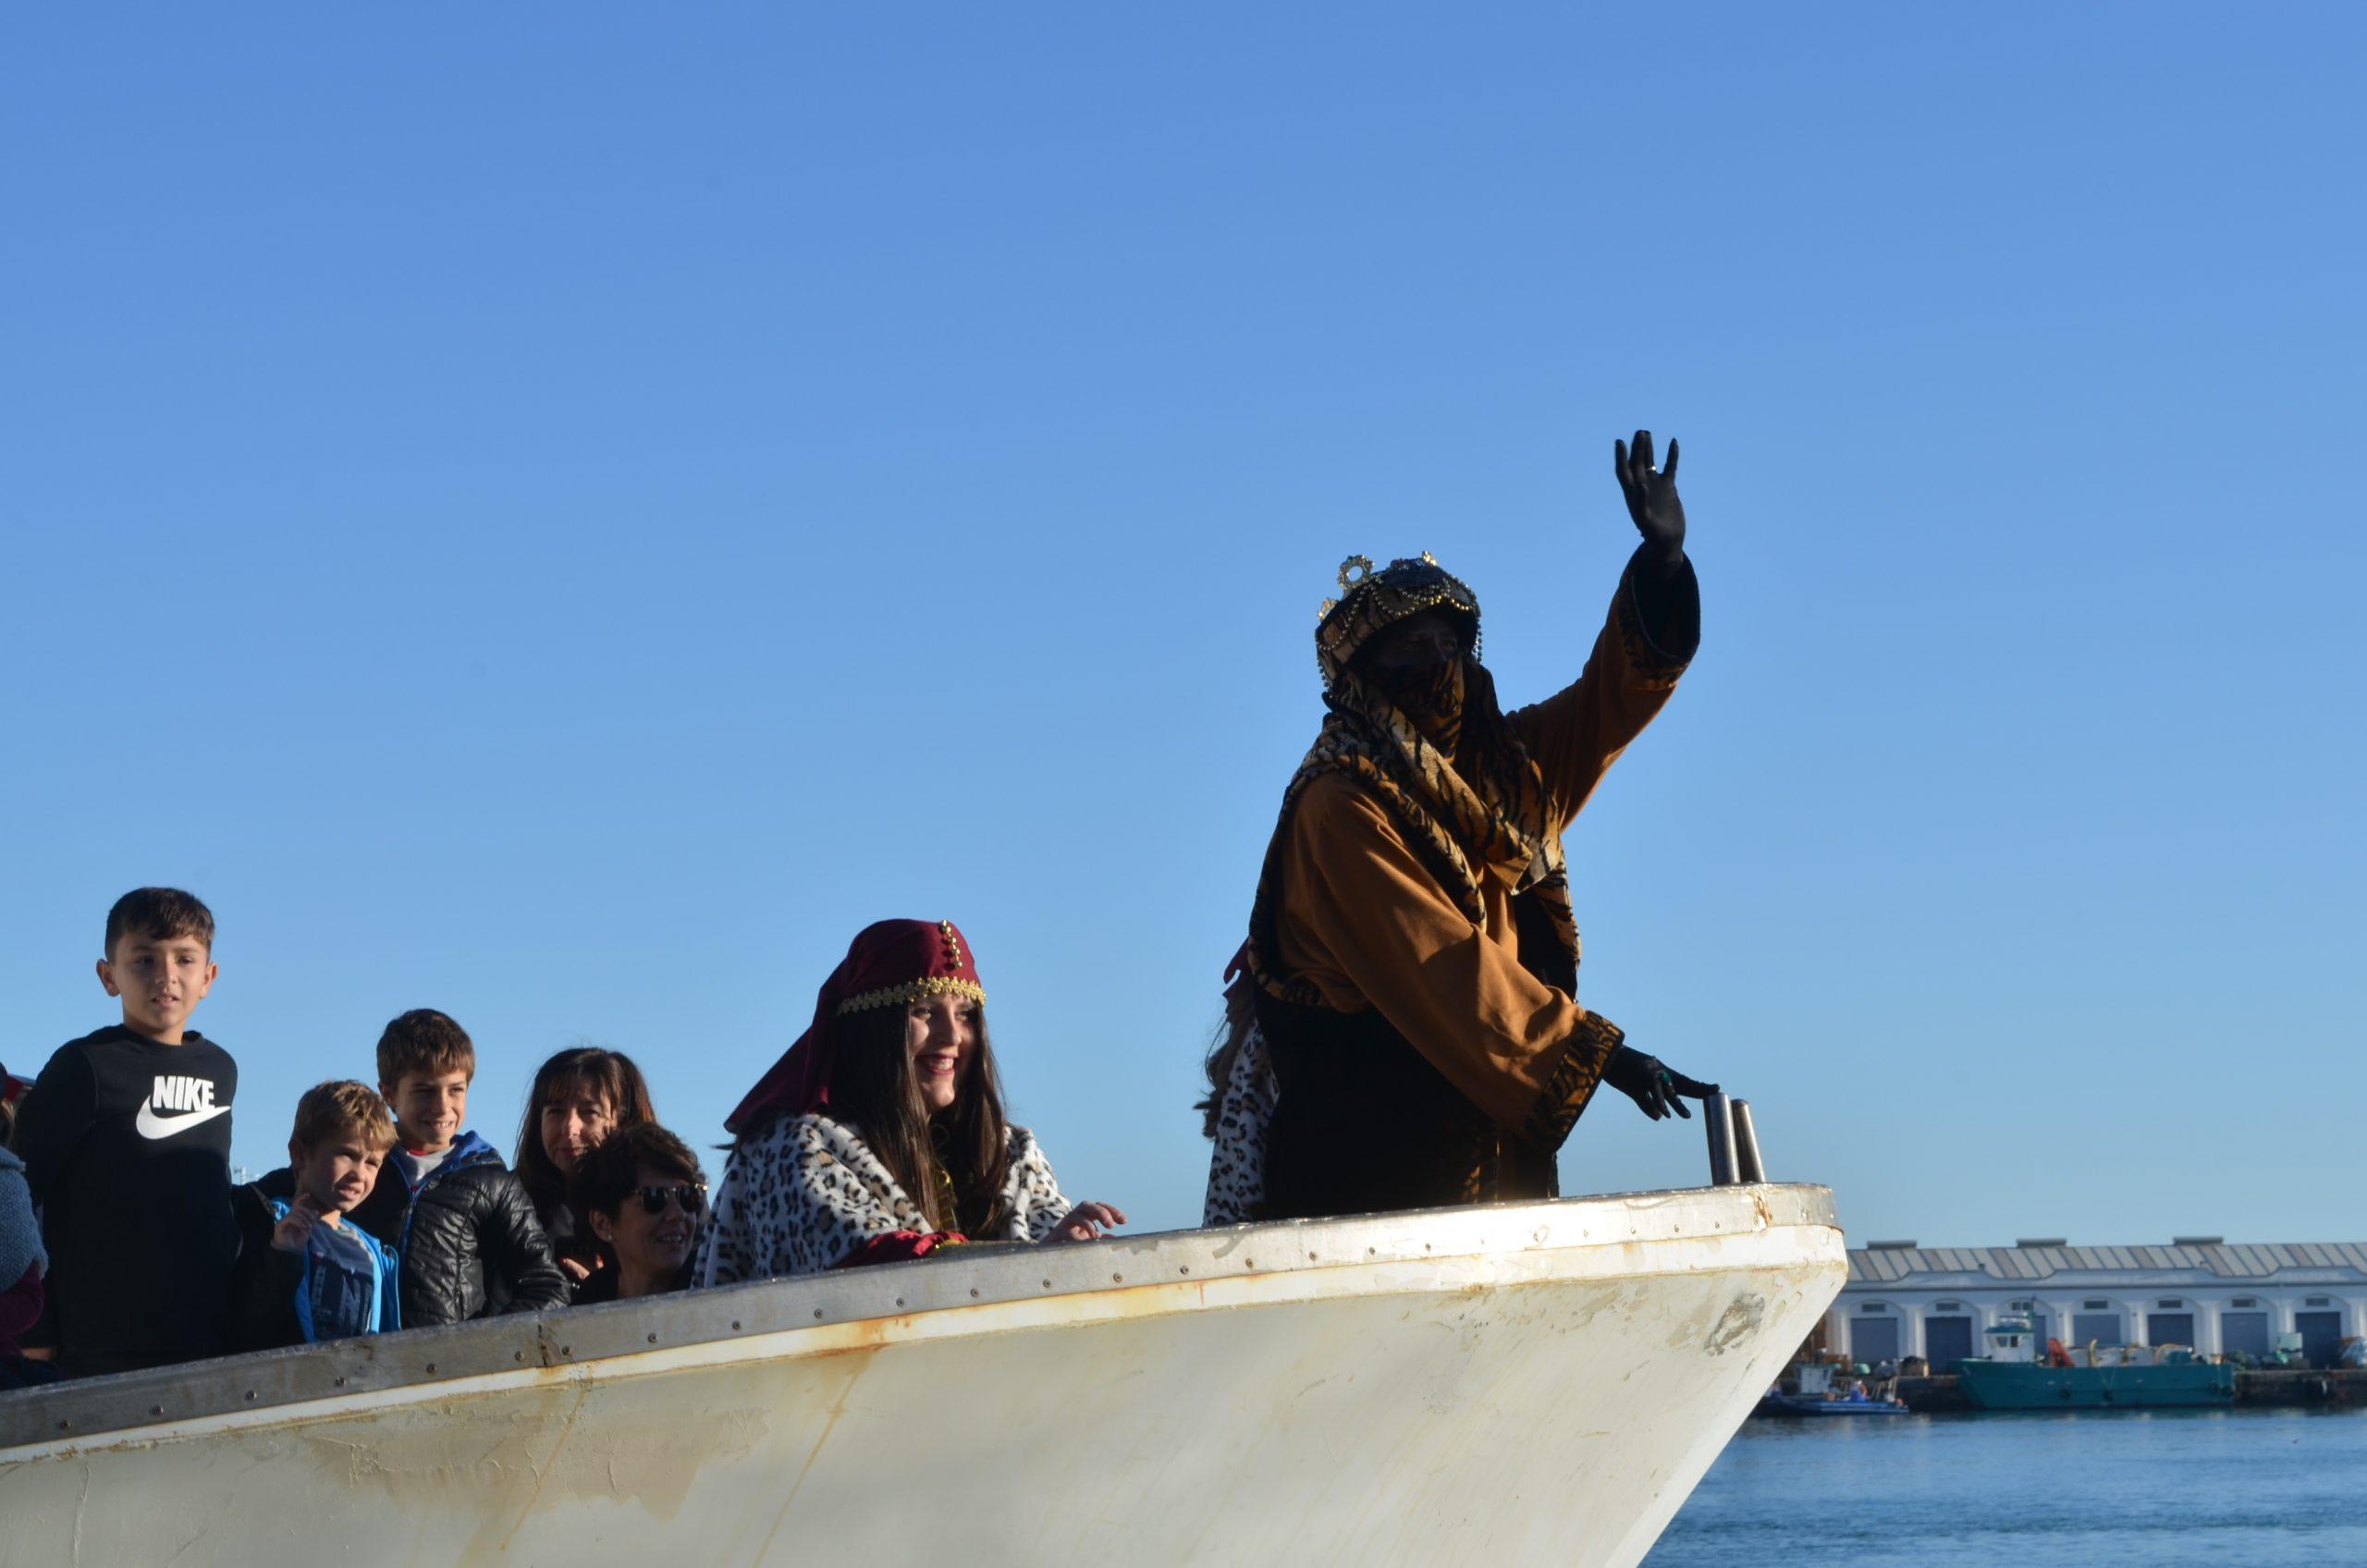 Los Reyes Magos confirman que llegarán a Burriana el día 5 por la tarde y dan a conocer el recorrido que harán por todas las calles de la ciudad